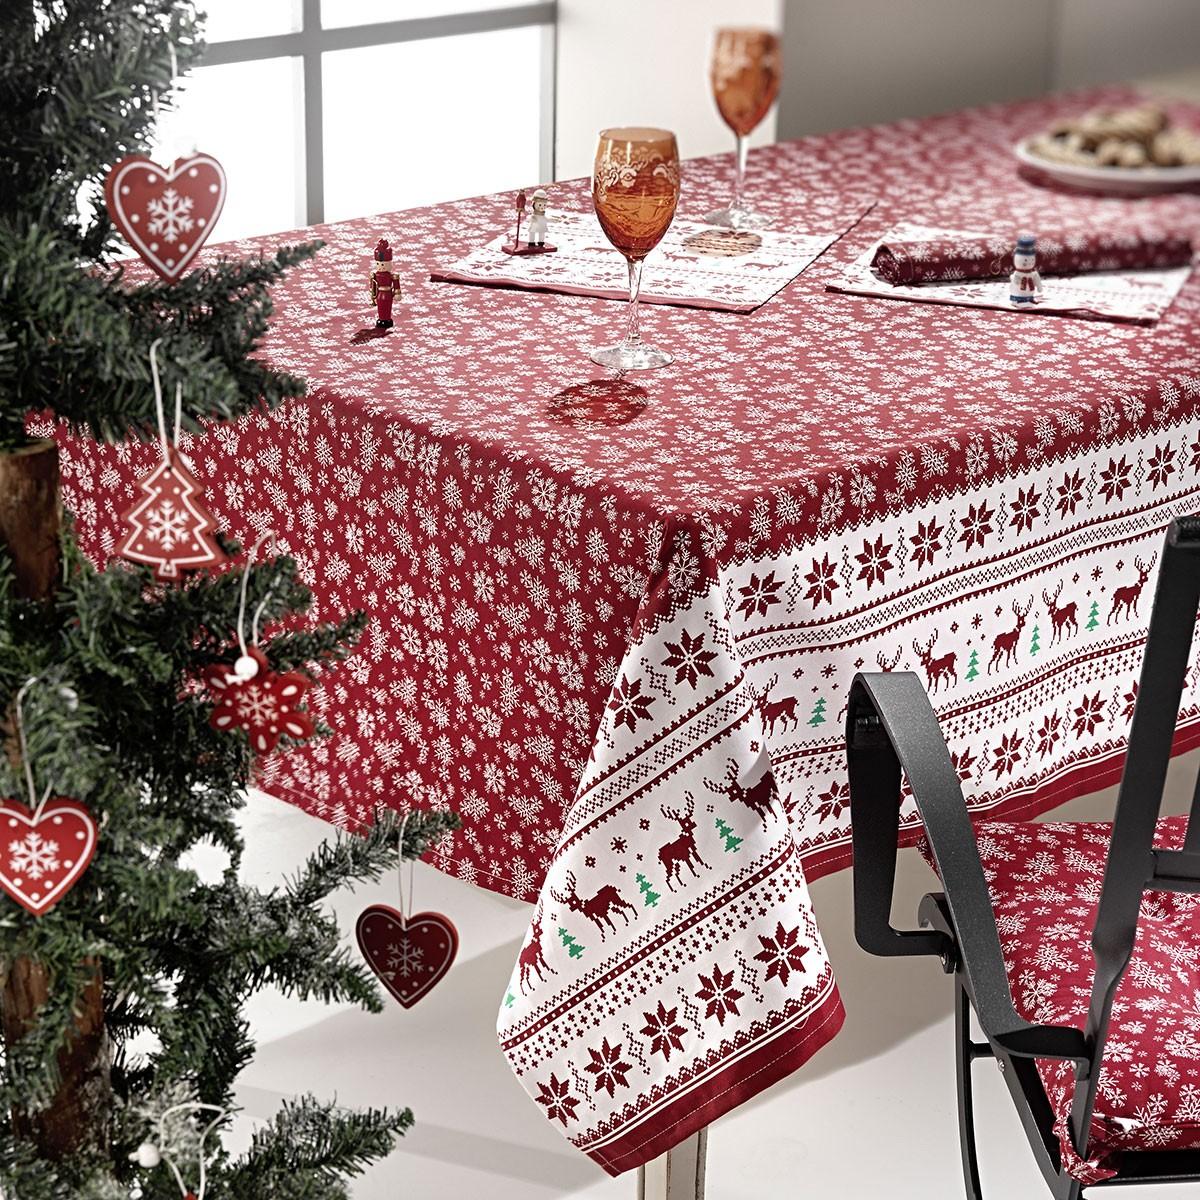 Χριστουγεννιάτικο Τραπεζομάντηλο (150×190) Nima Rudolph